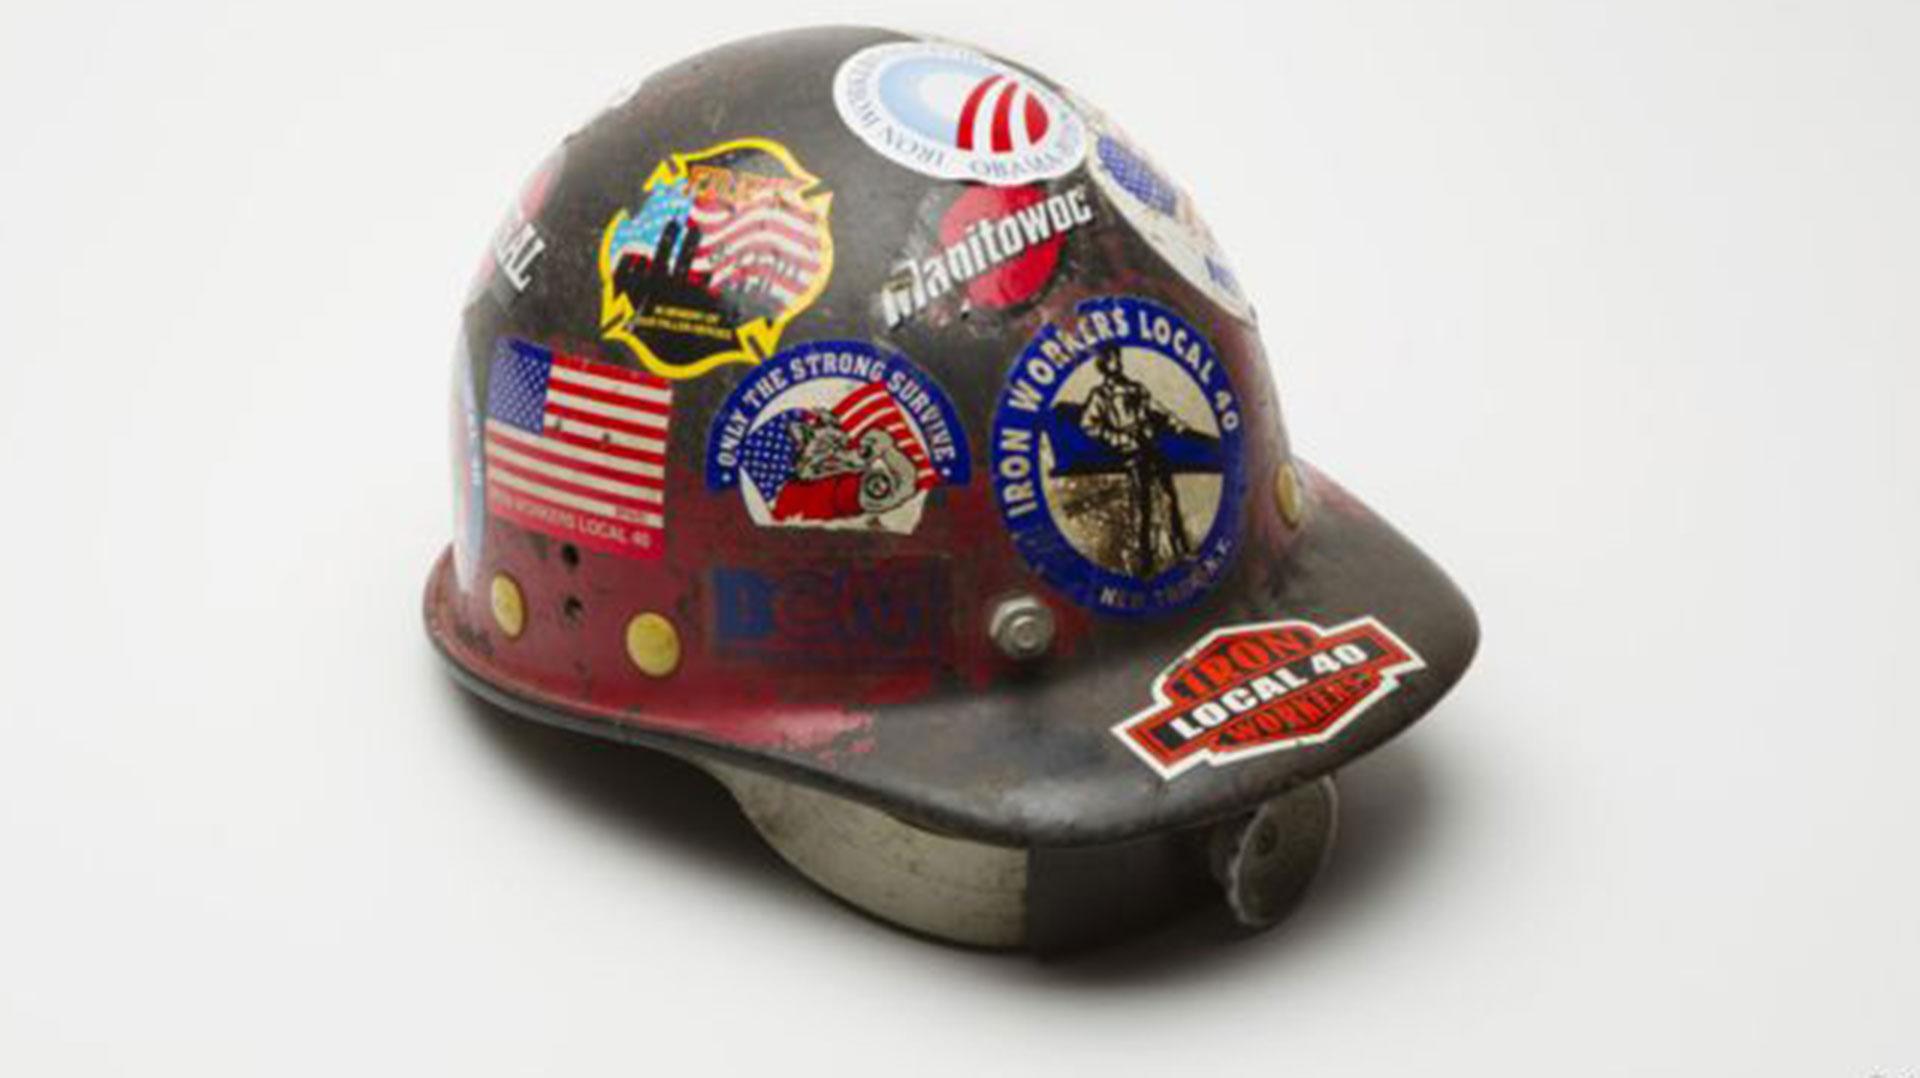 El casco de Larry Keatin, rescatista que trabajó durante nueve meses en la limpieza del World Trade Center. Falleció en 2011